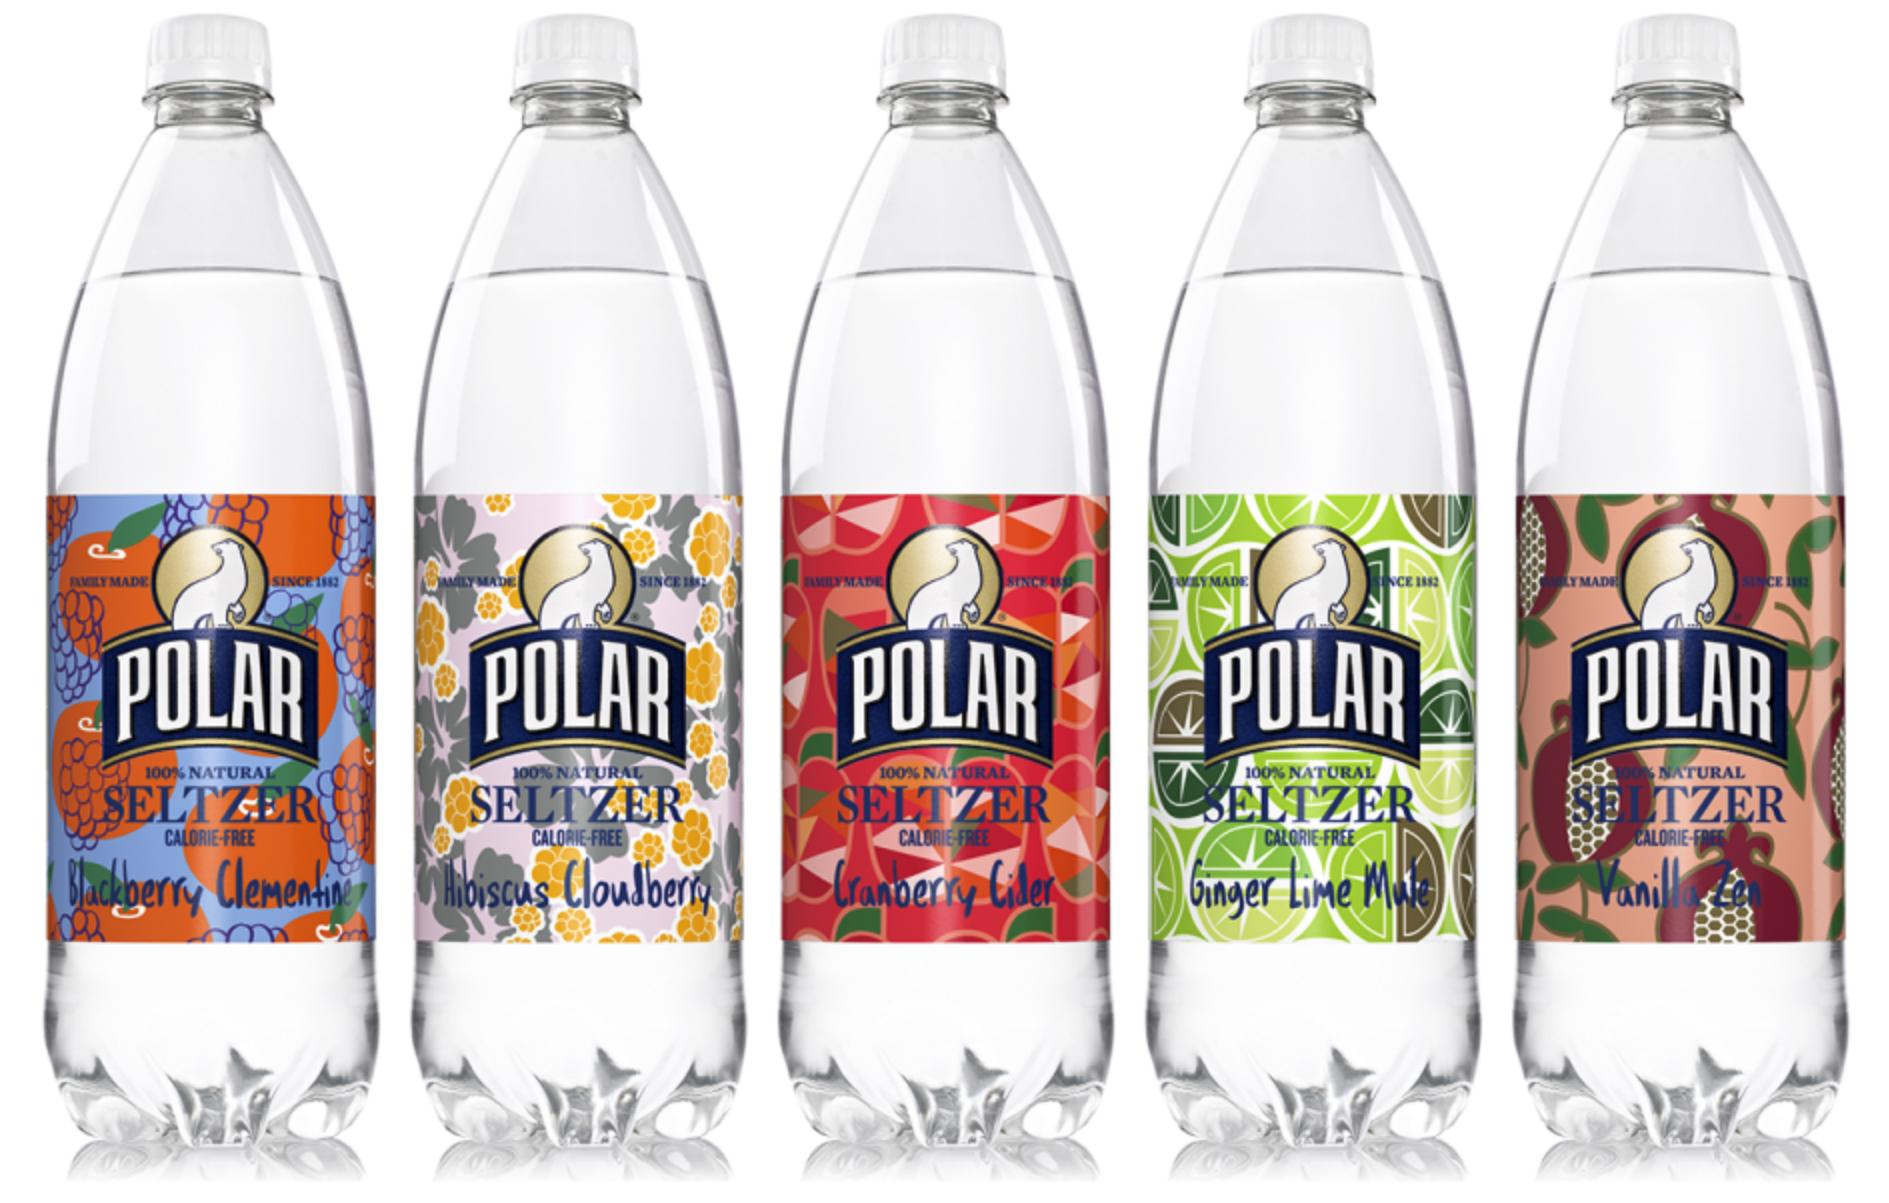 c.o polarseltzer.com